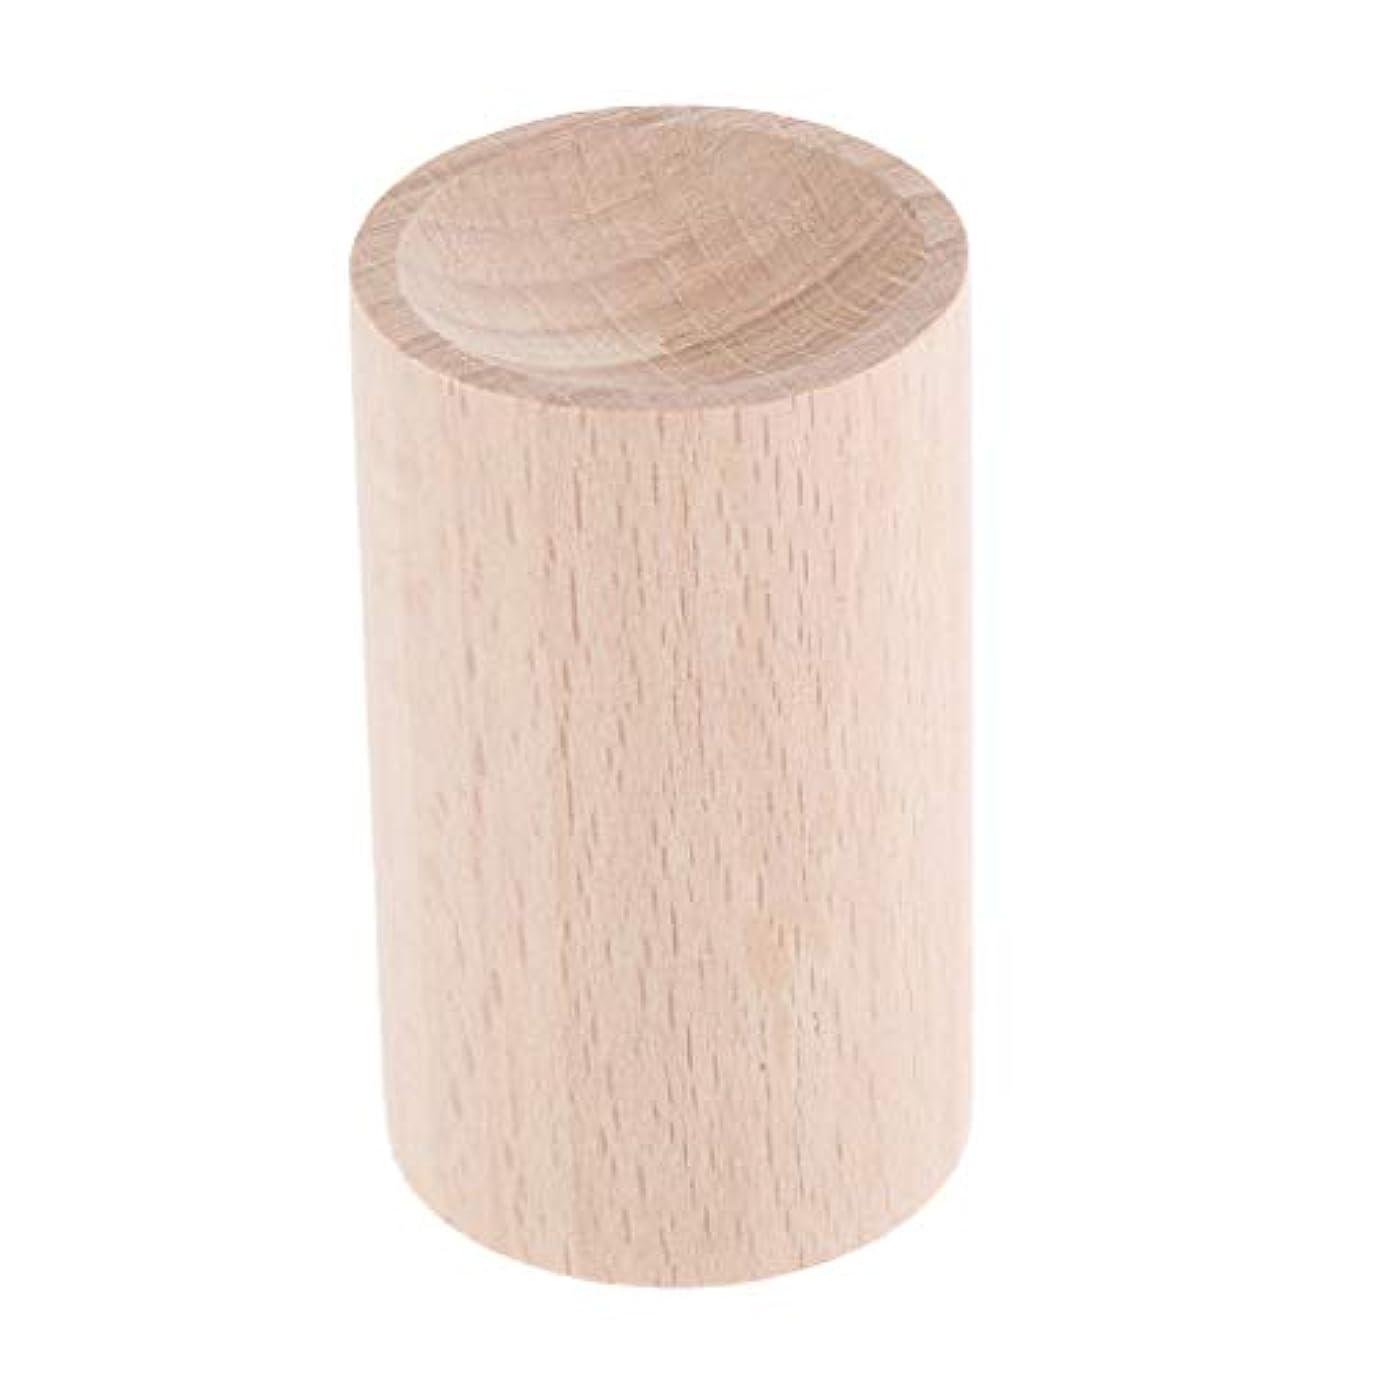 郵便屋さん図磨かれたsharprepublic 全2種類 アロマディフューザー 車 家庭用 天然木 エアフレッシュナー 香水 - 01